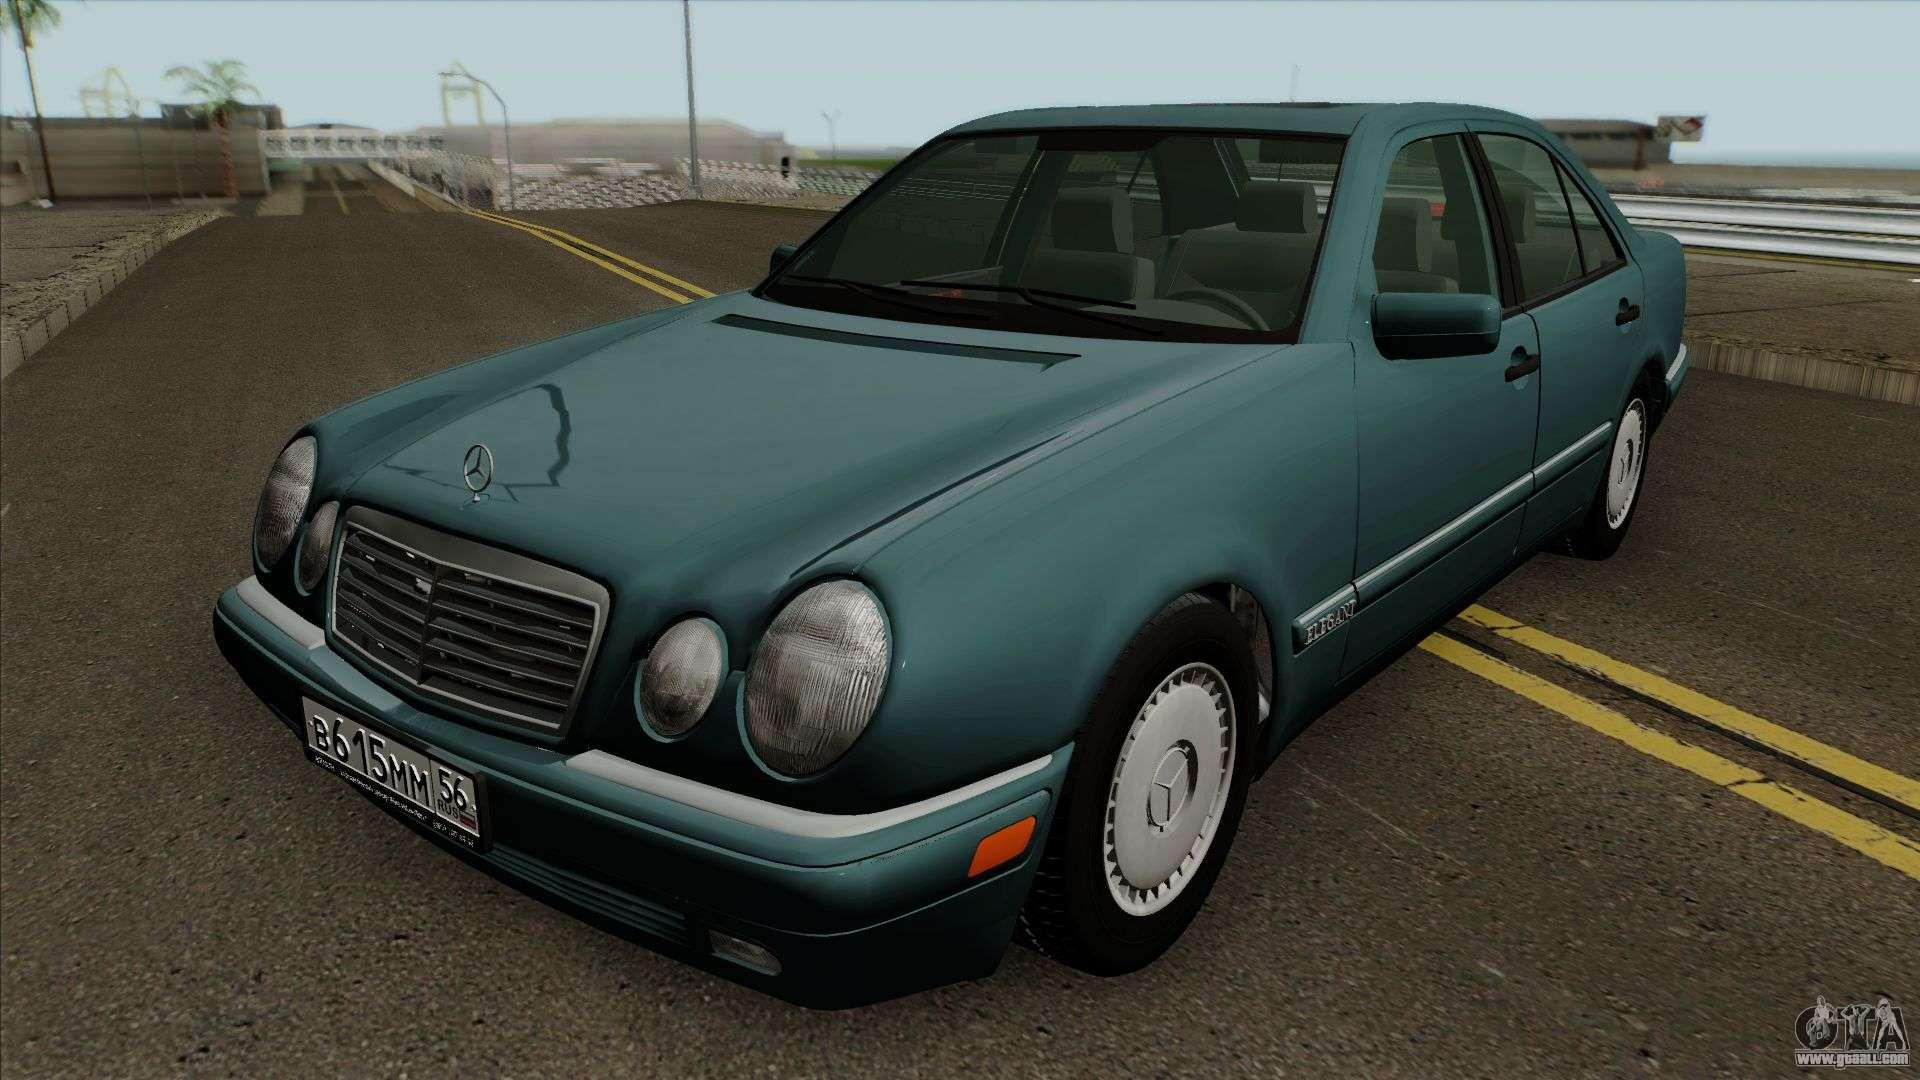 Mercedes benz e klasse w210 e200 cdi for gta san andreas for Mercedes benz e klasse